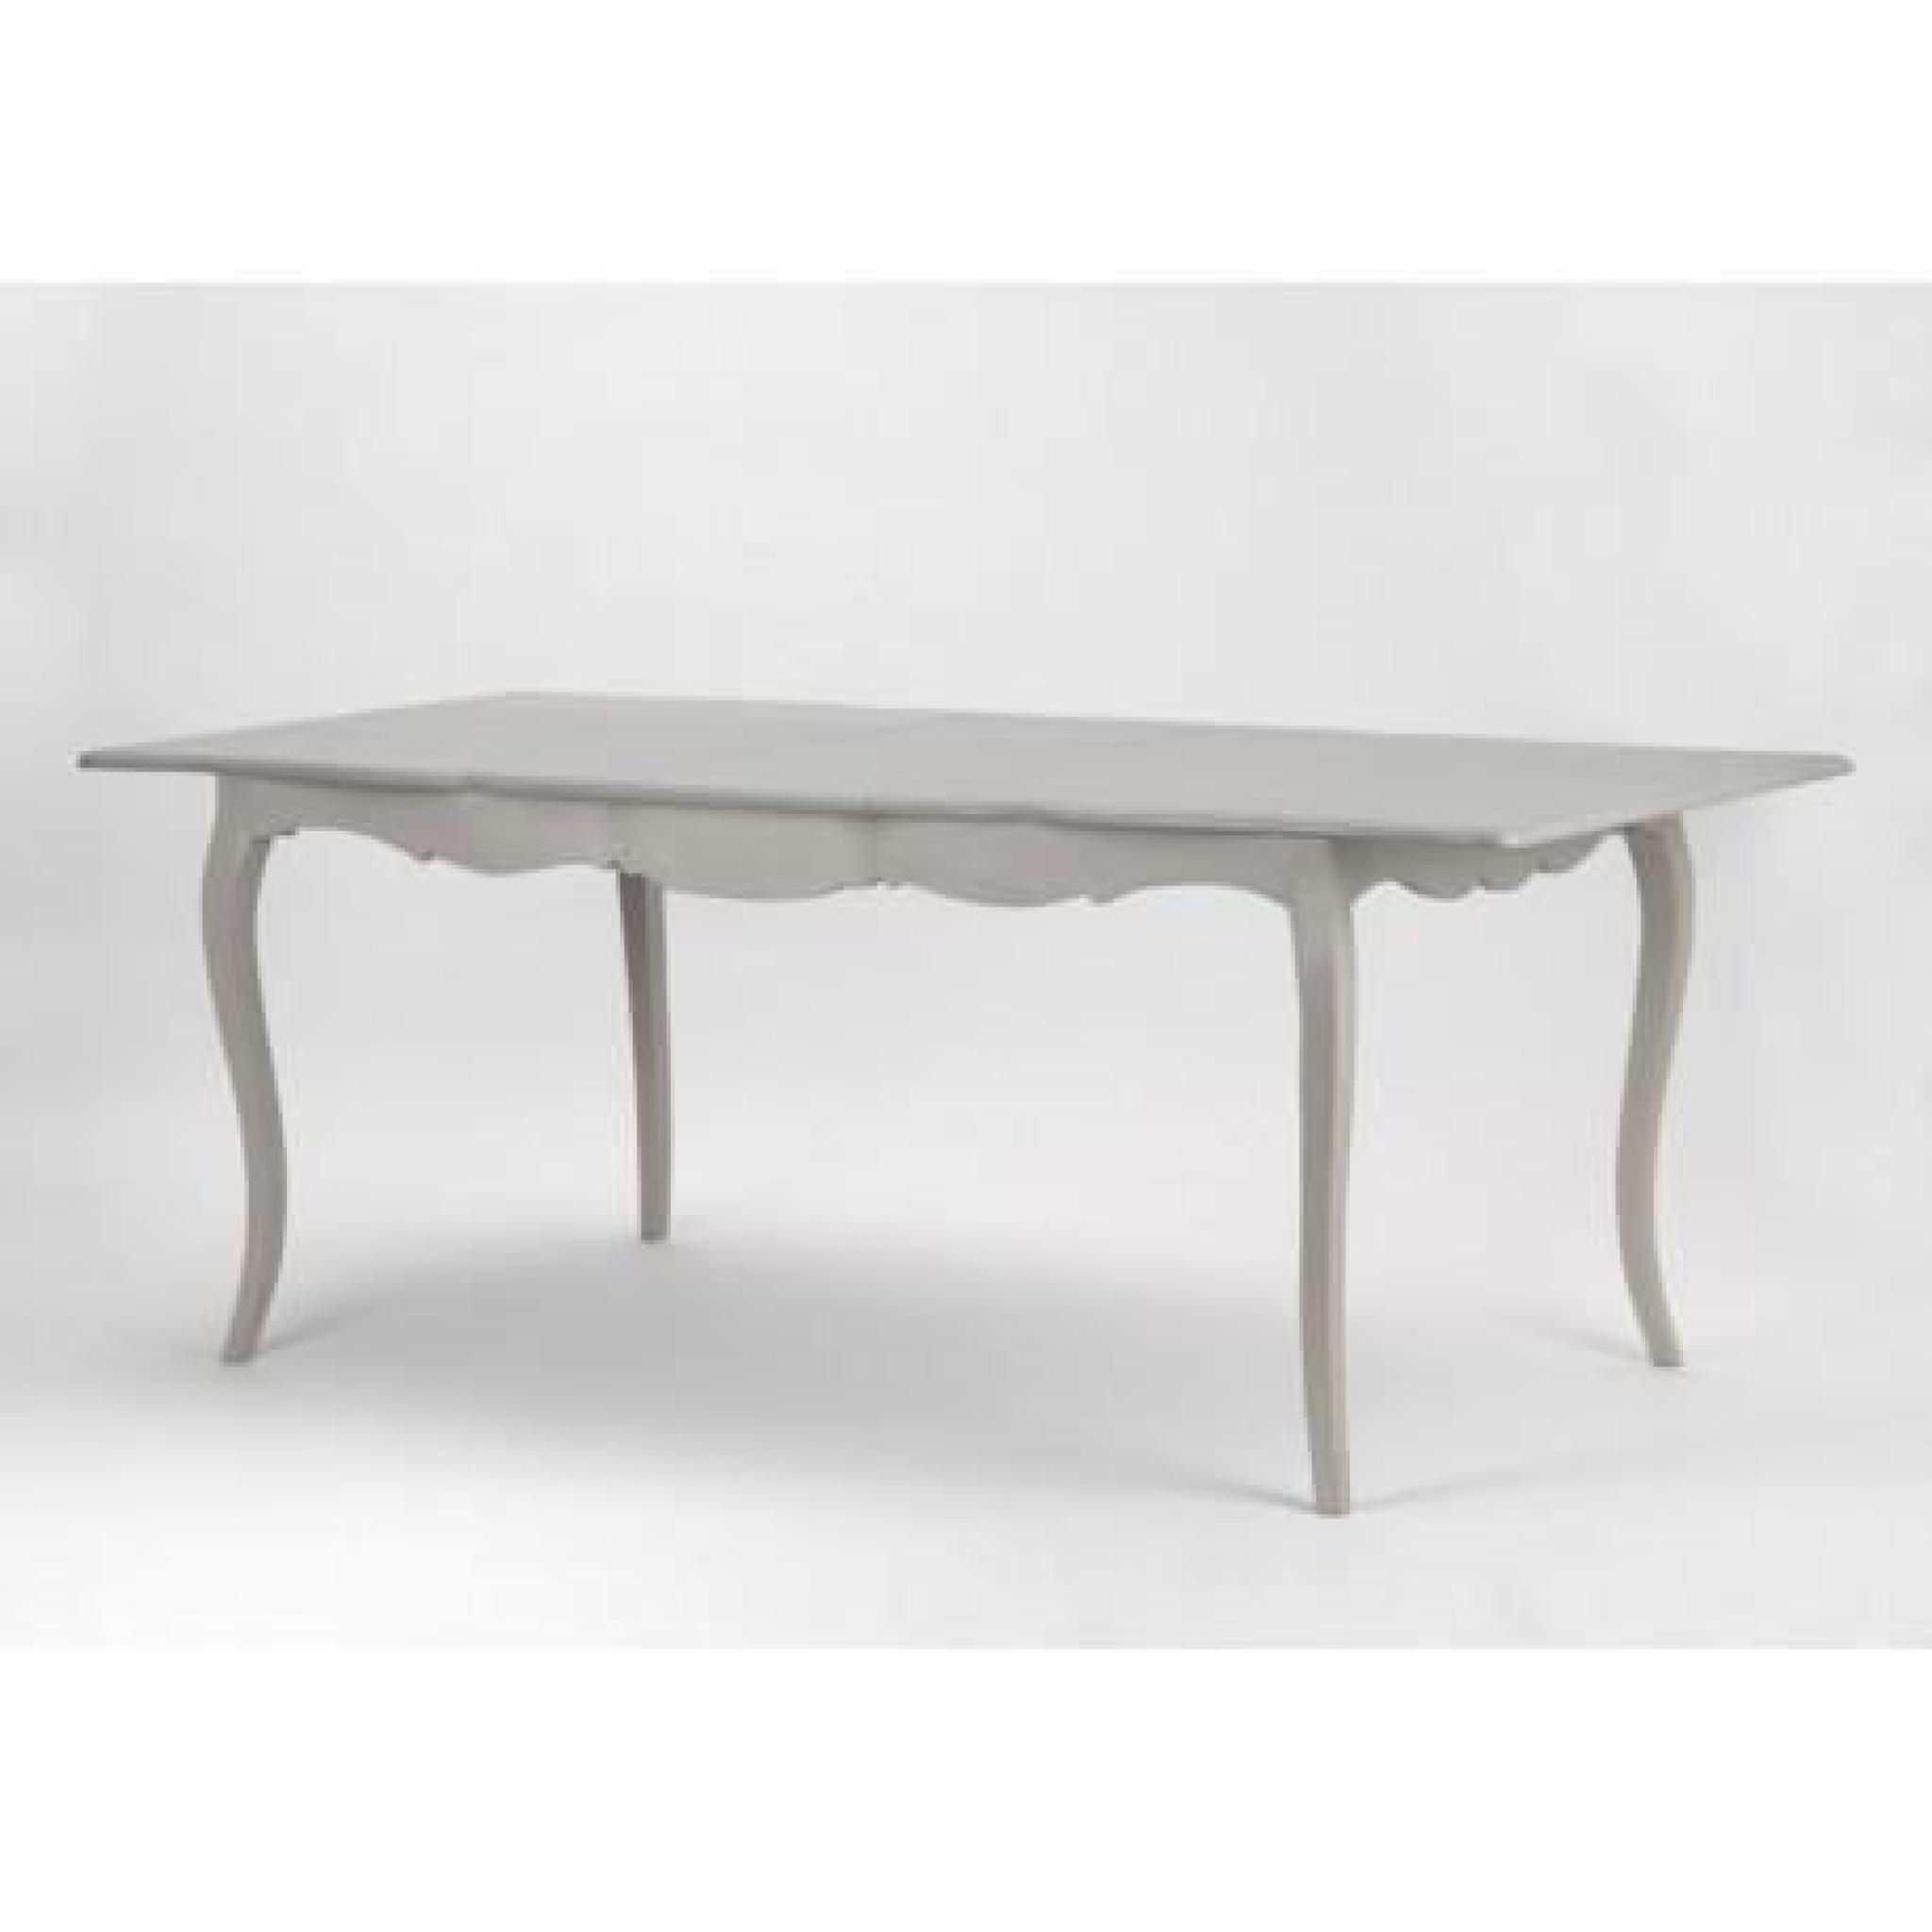 table a manger avec rallonge bois ceruse taupe grise grand siecle amadeus achat vente table salle a manger pas cher couleur et design fr